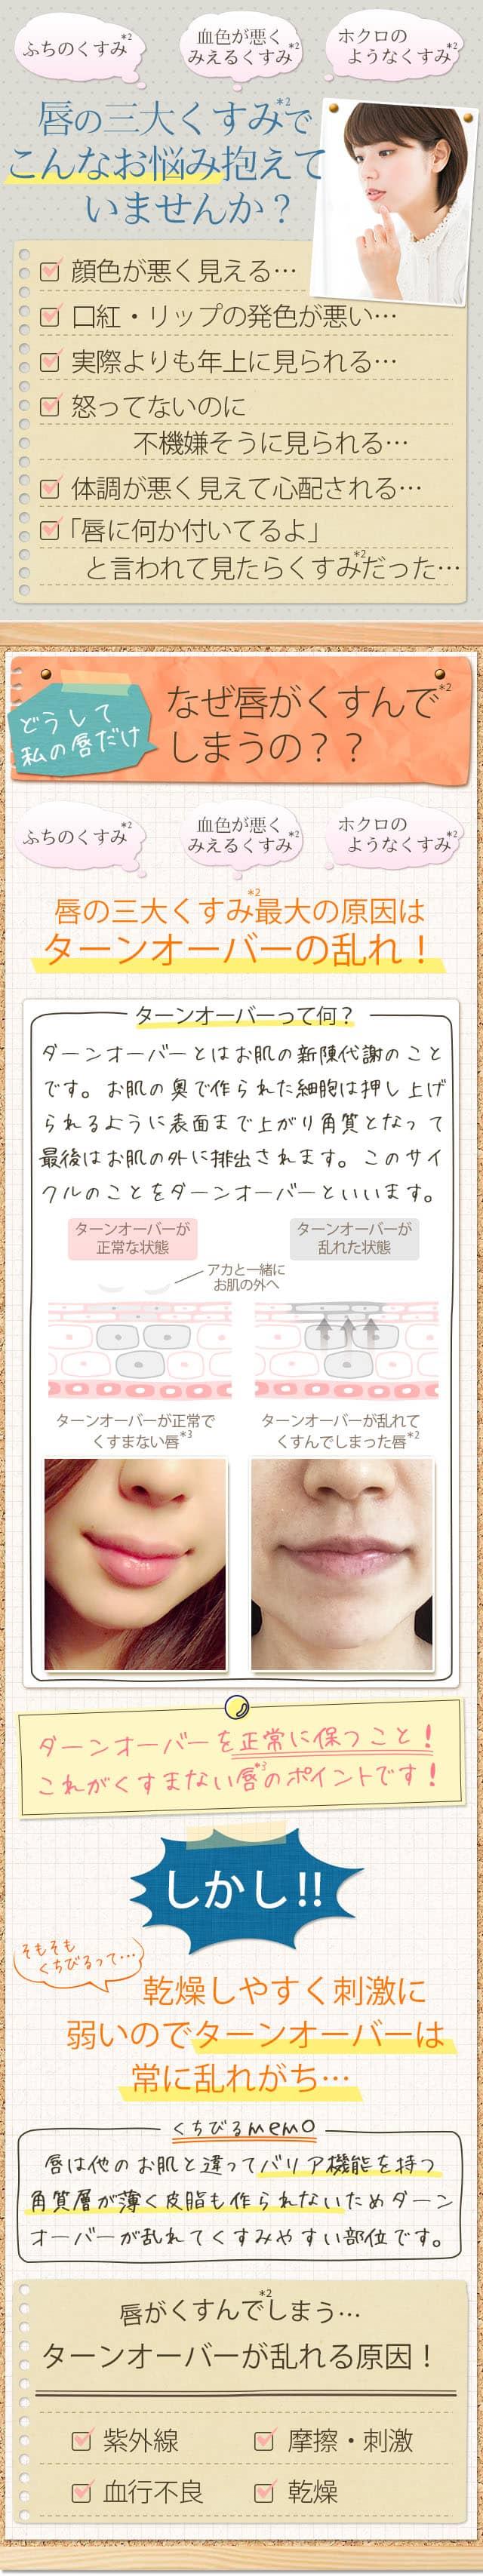 唇の三大くすみでこんなお悩み抱えていませんか?